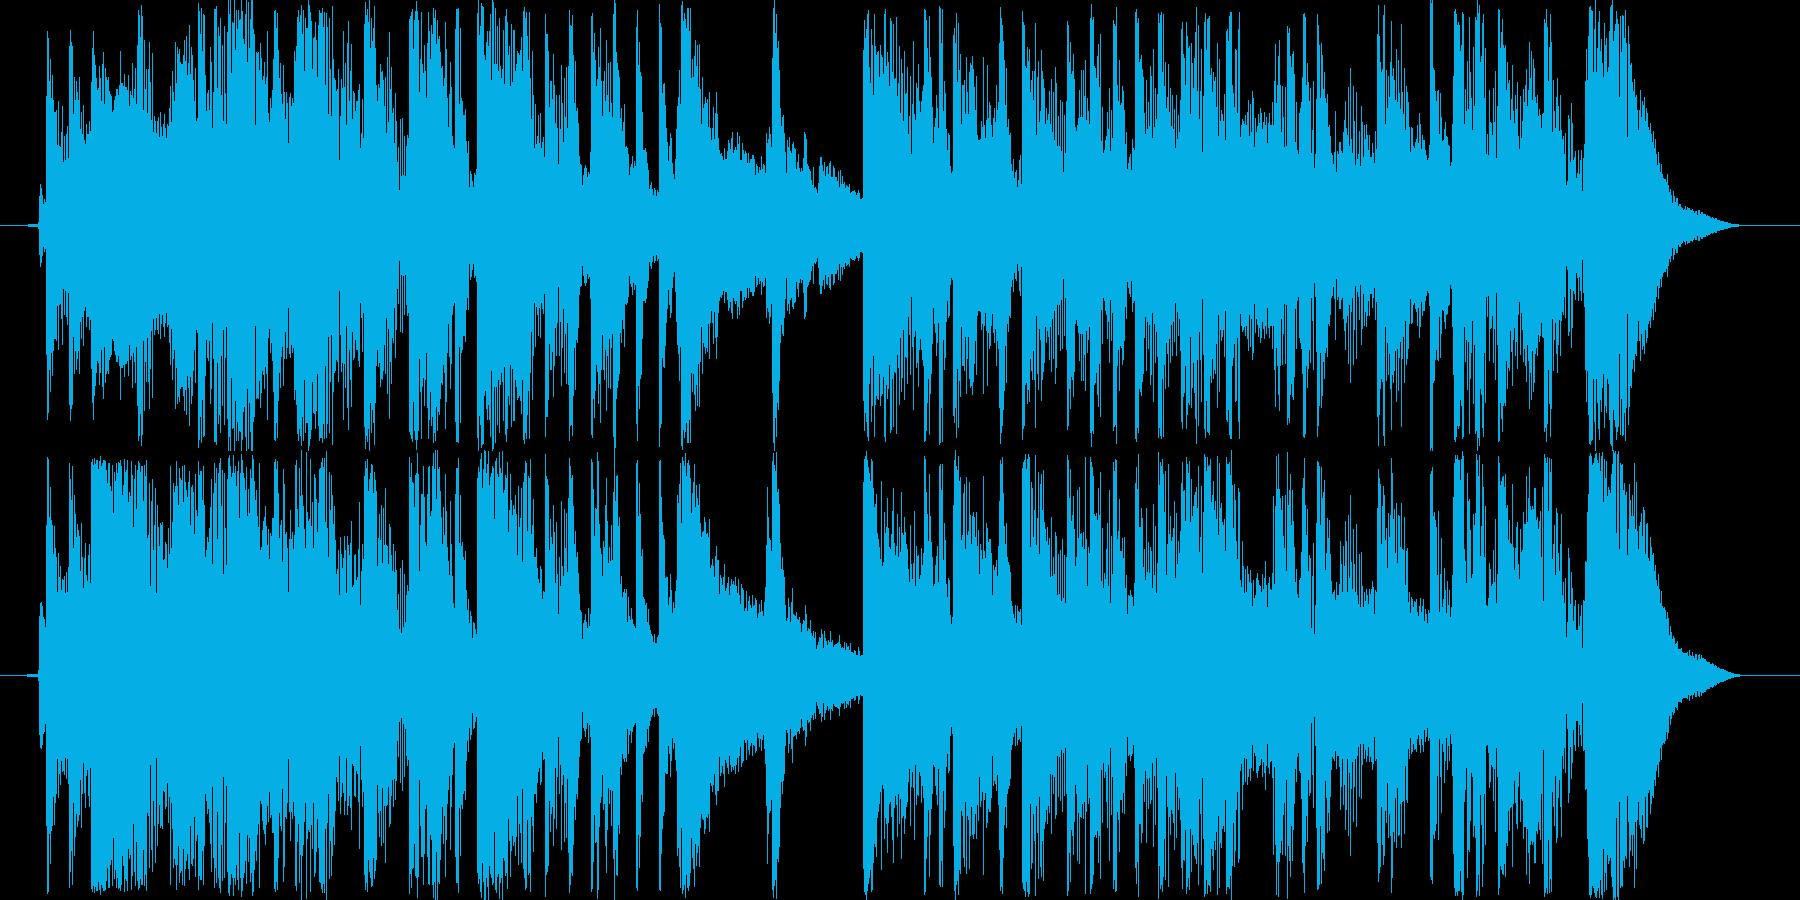 リズミカルな登場曲の再生済みの波形